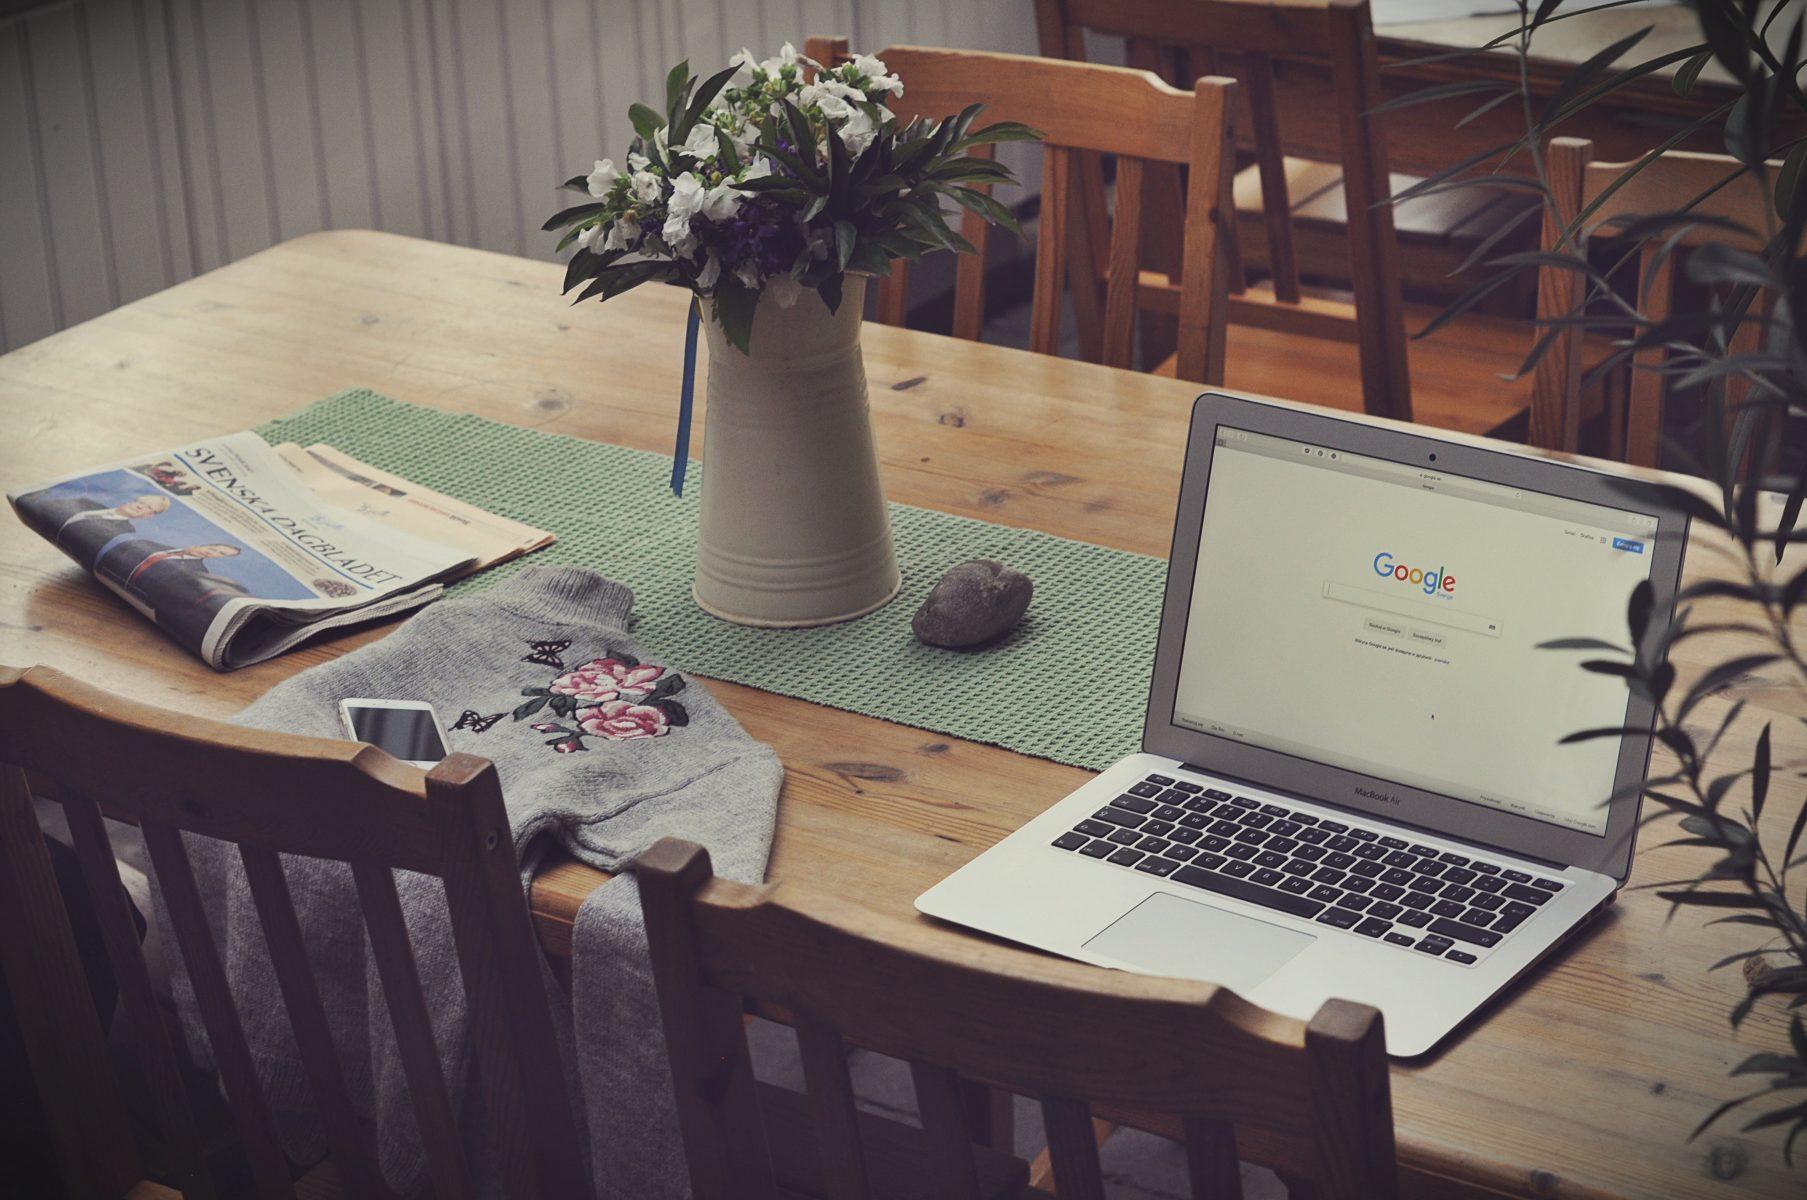 Kom-hoger-in-google-met-blogs-laten-schrijven.jpg